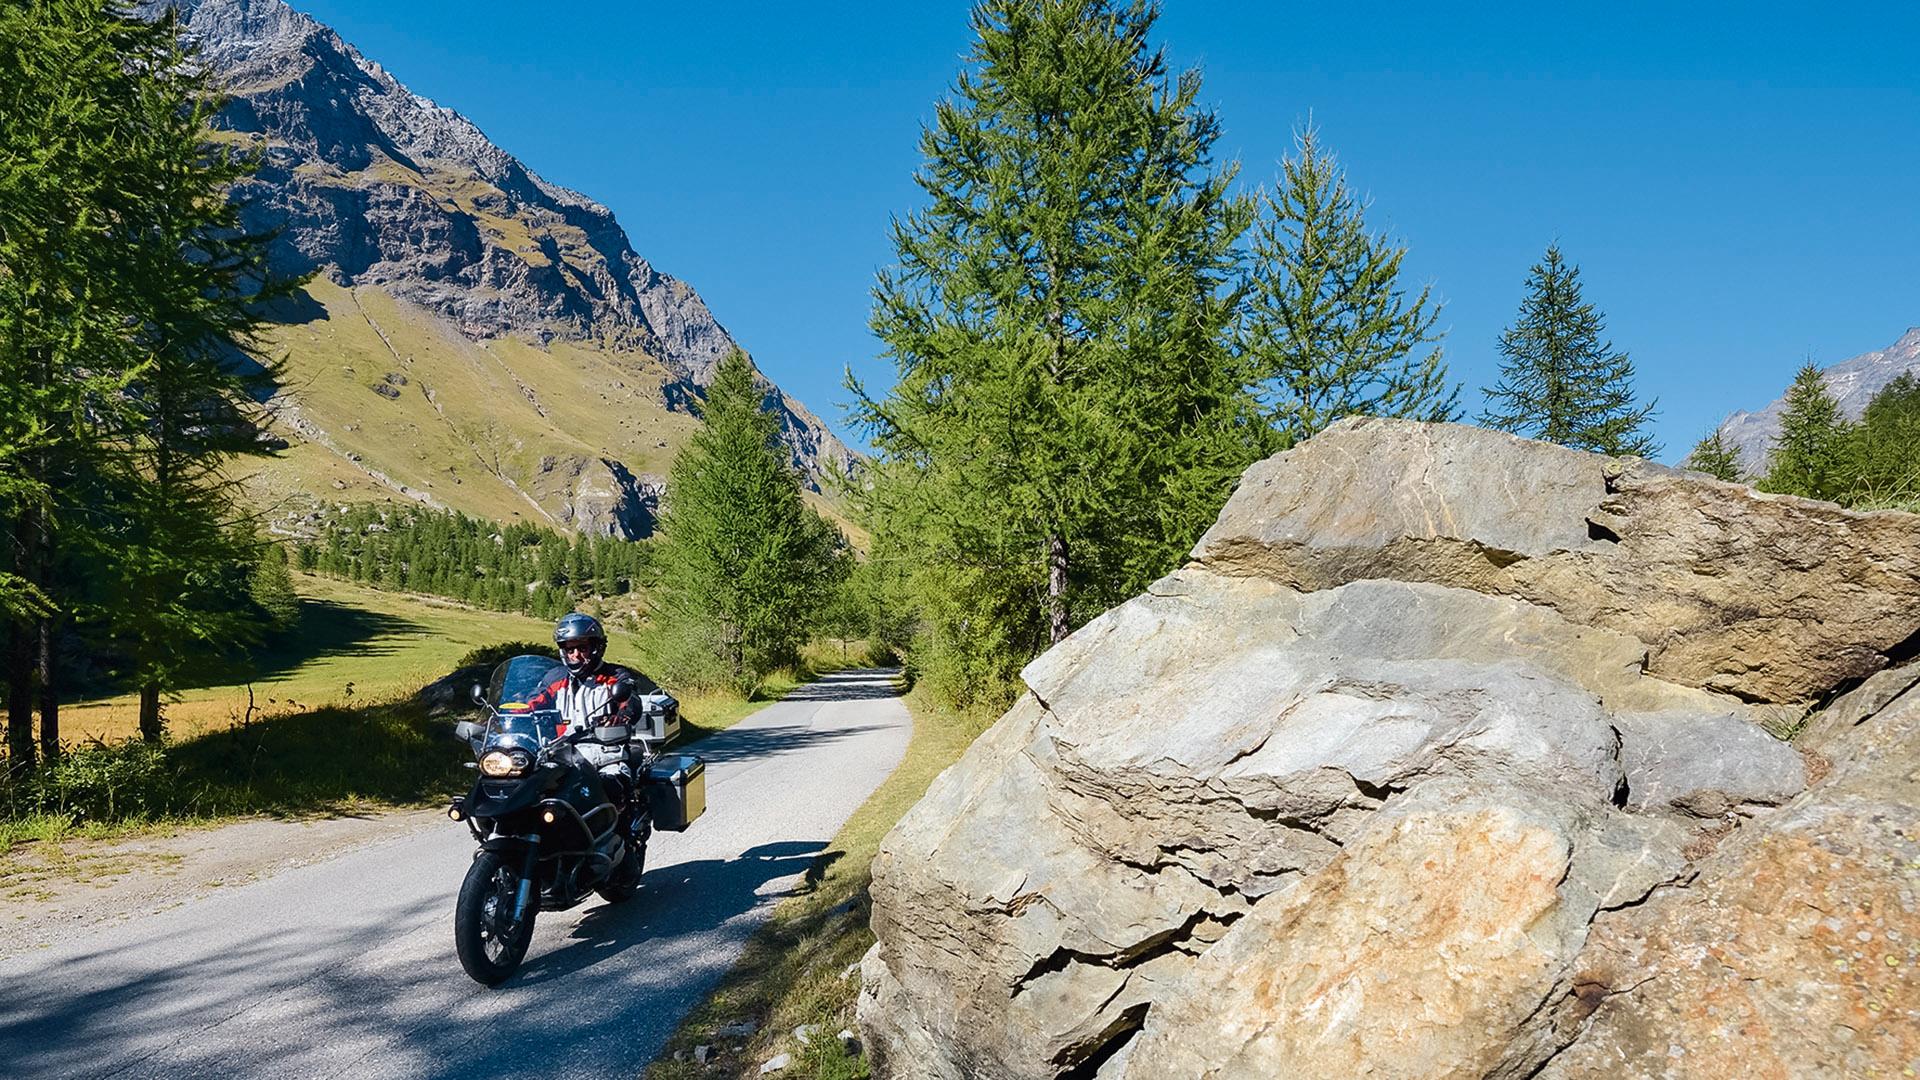 Am Fuß des Weißen Berges - Tour-Süd